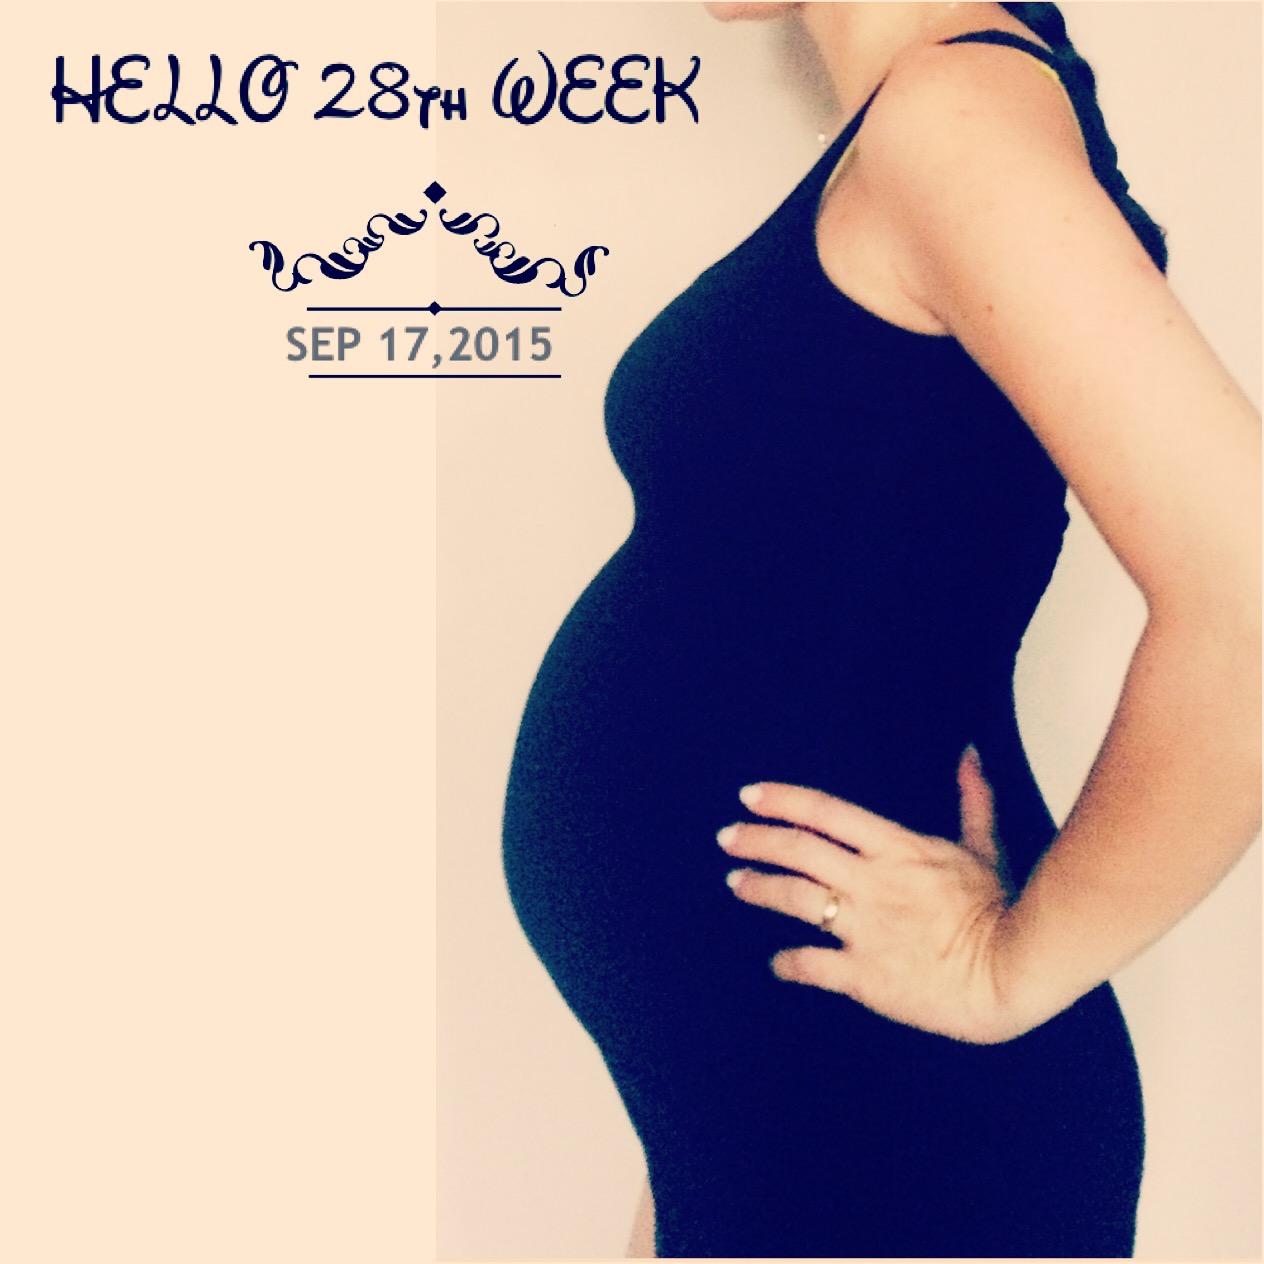 3 santimlik saçtan hamilelik tahmini